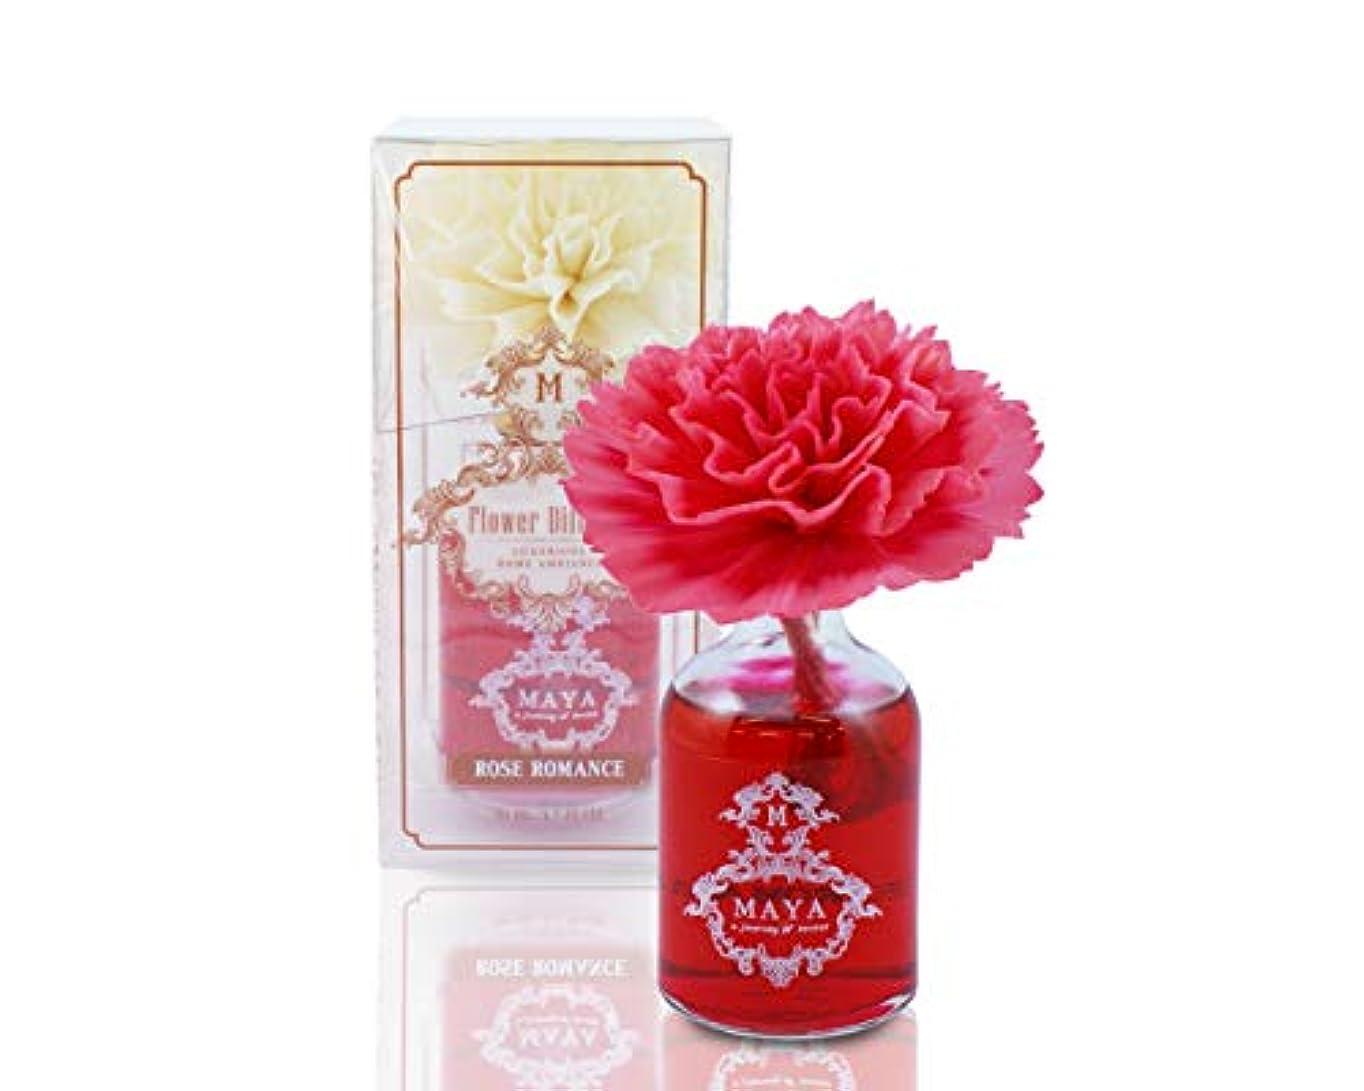 苦行治療拍車MAYA フラワーディフューザー ローズロマンス 5oml | 日本限定商品 |Aroma Flower Diffuser - Rose Romance 50ml